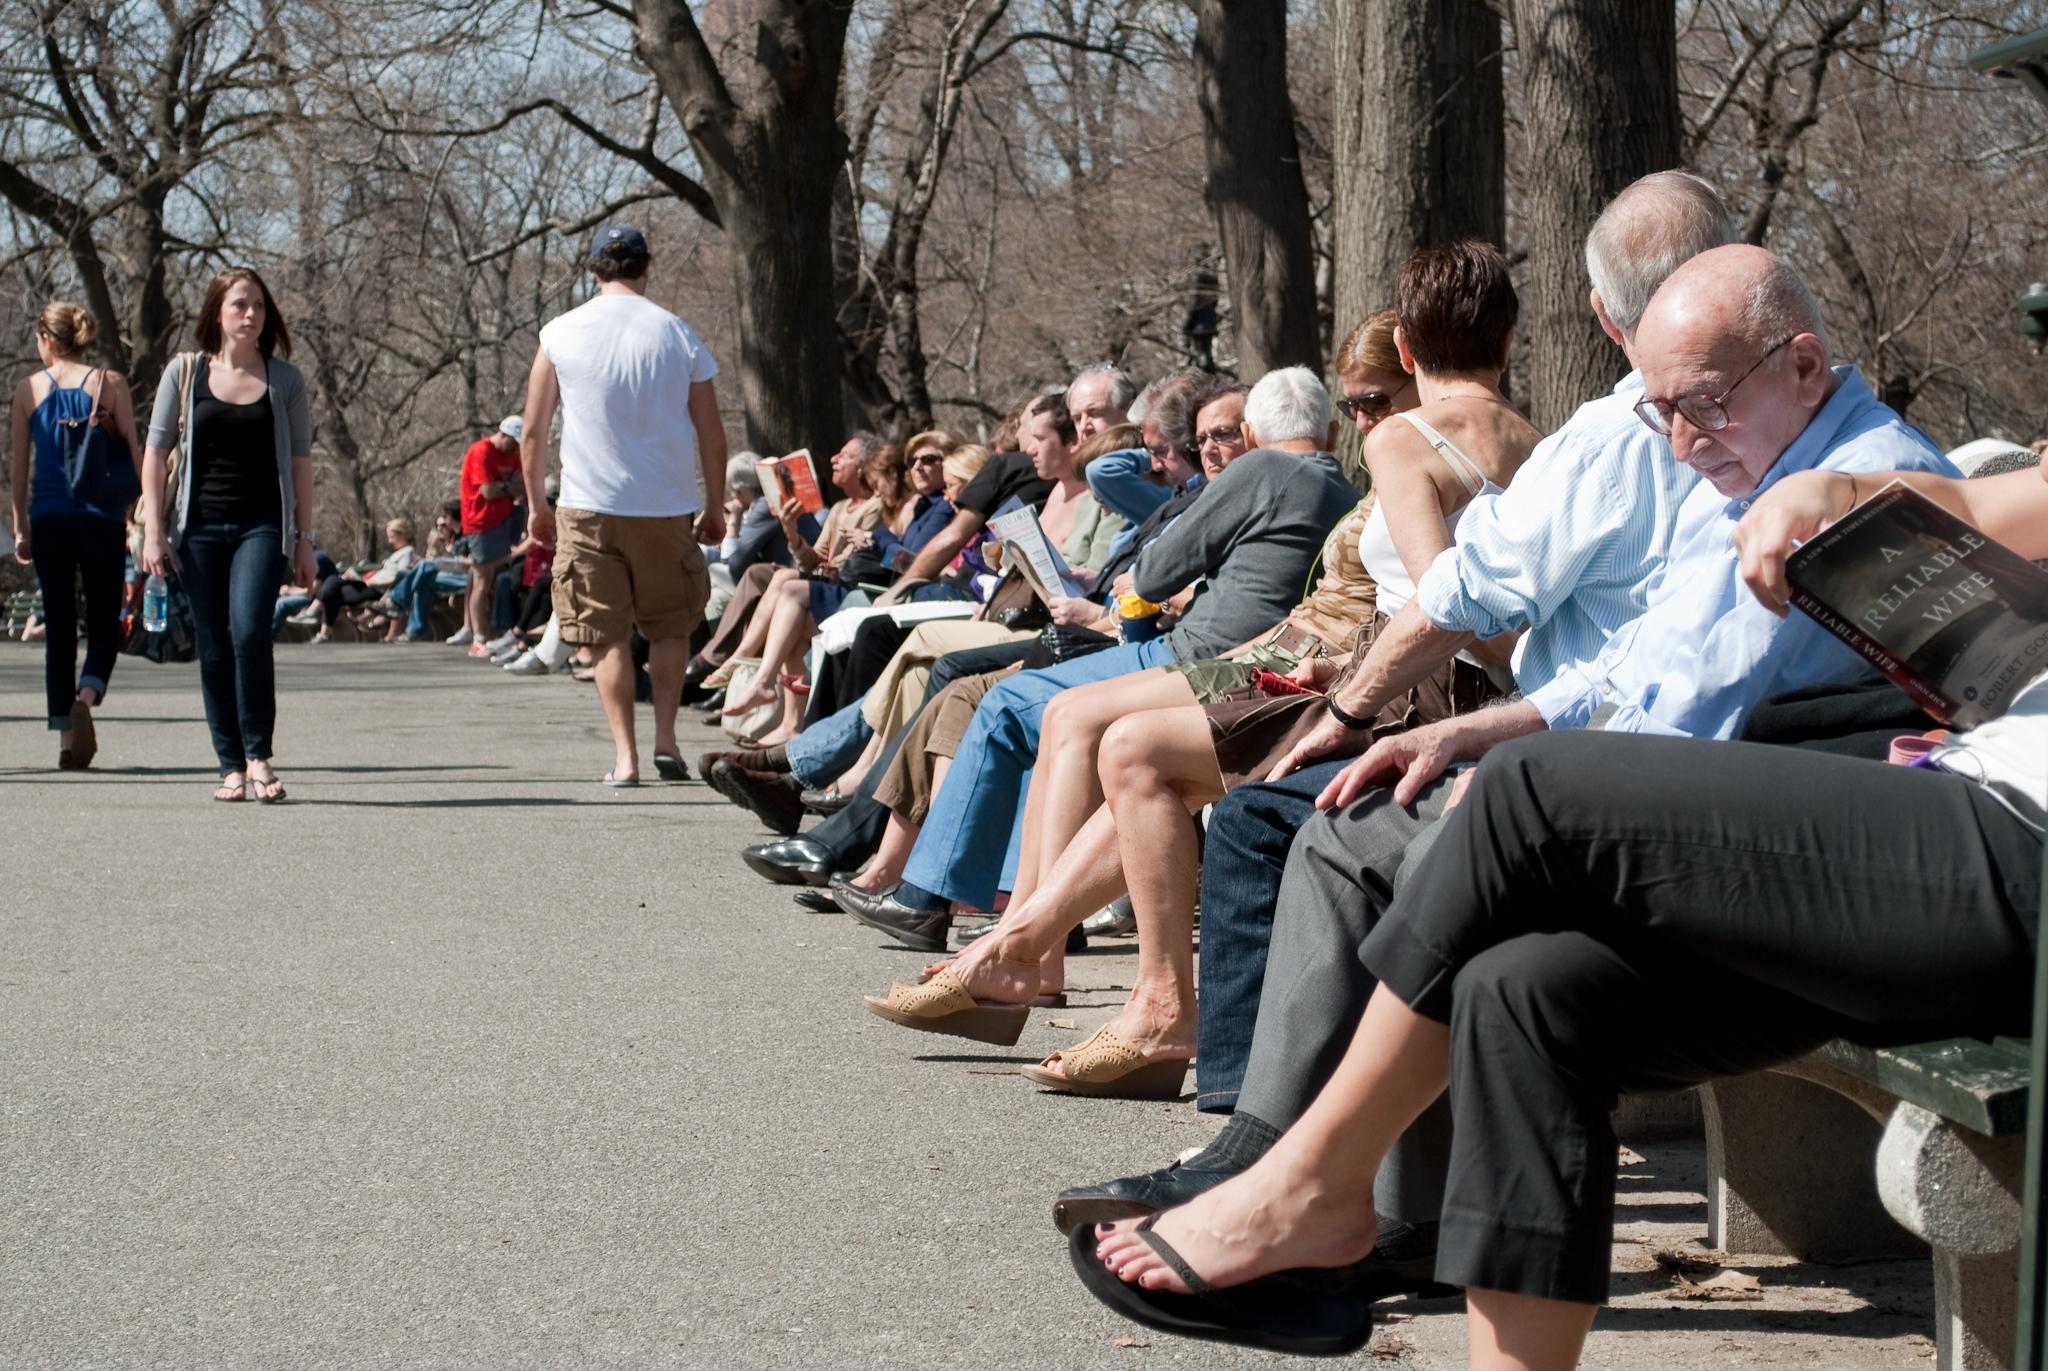 Todo mundo quer um lugar ao sol no Central Park aos fins de semana